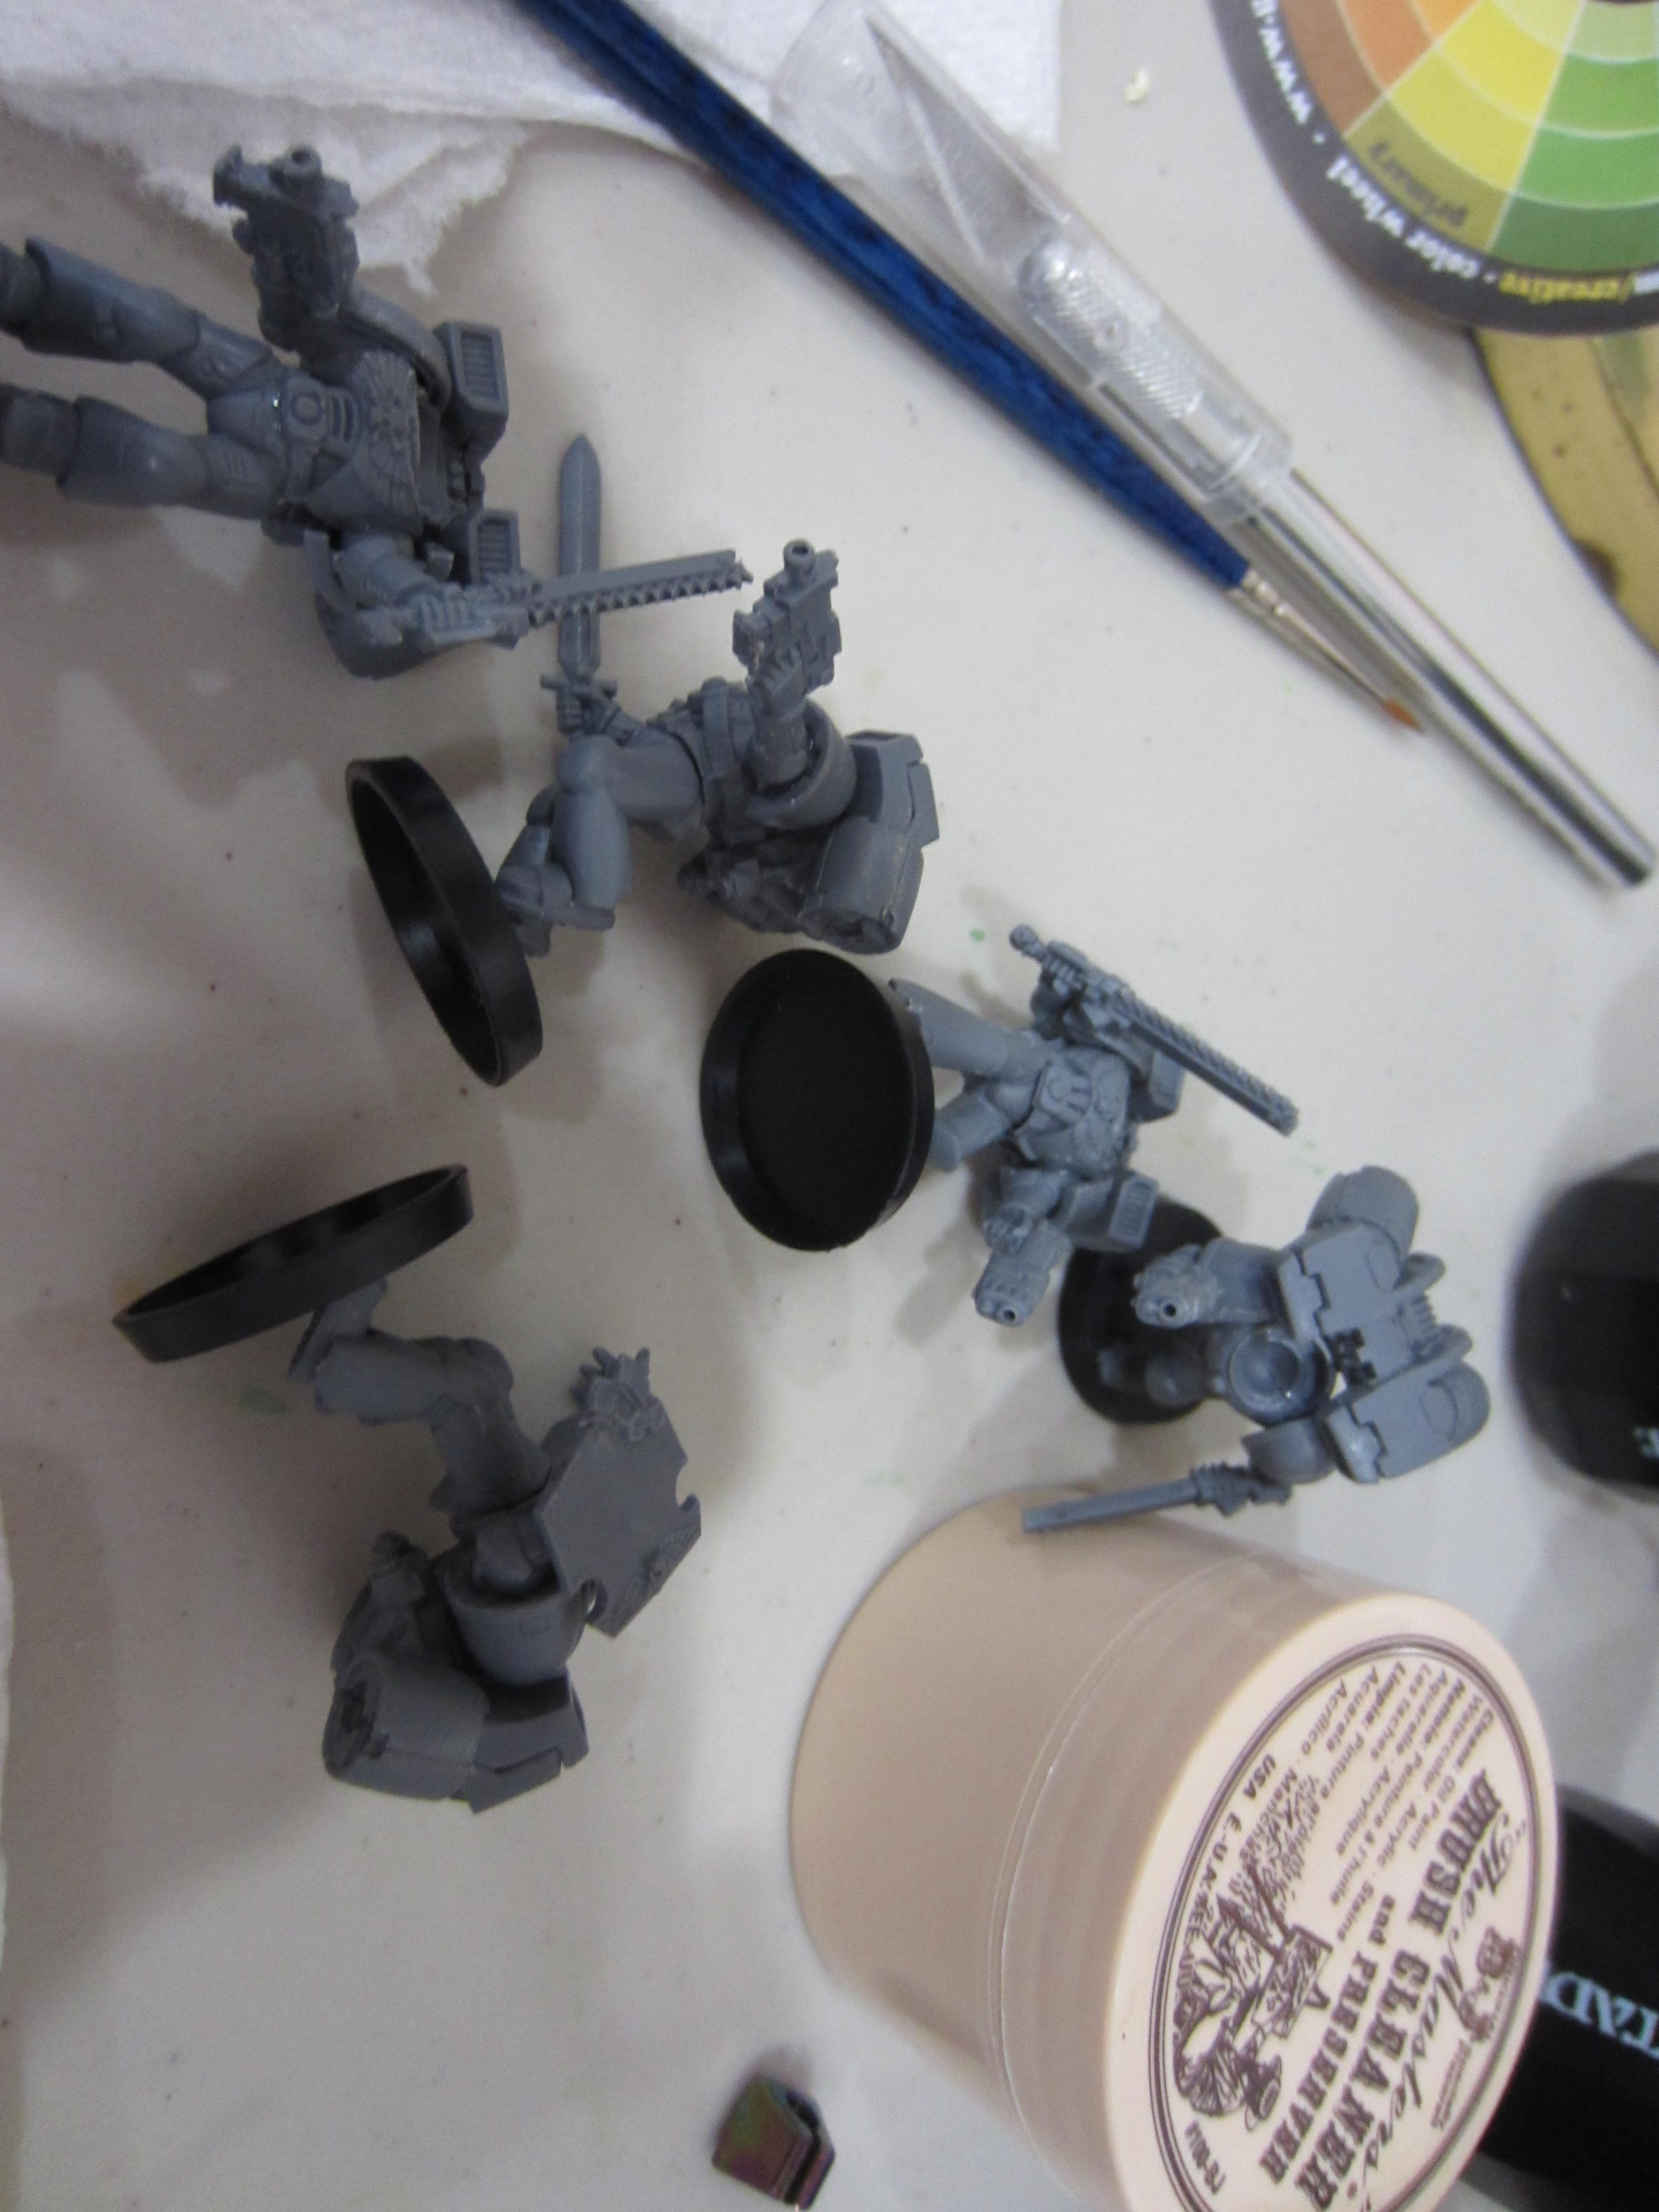 Assault Marines being assembled